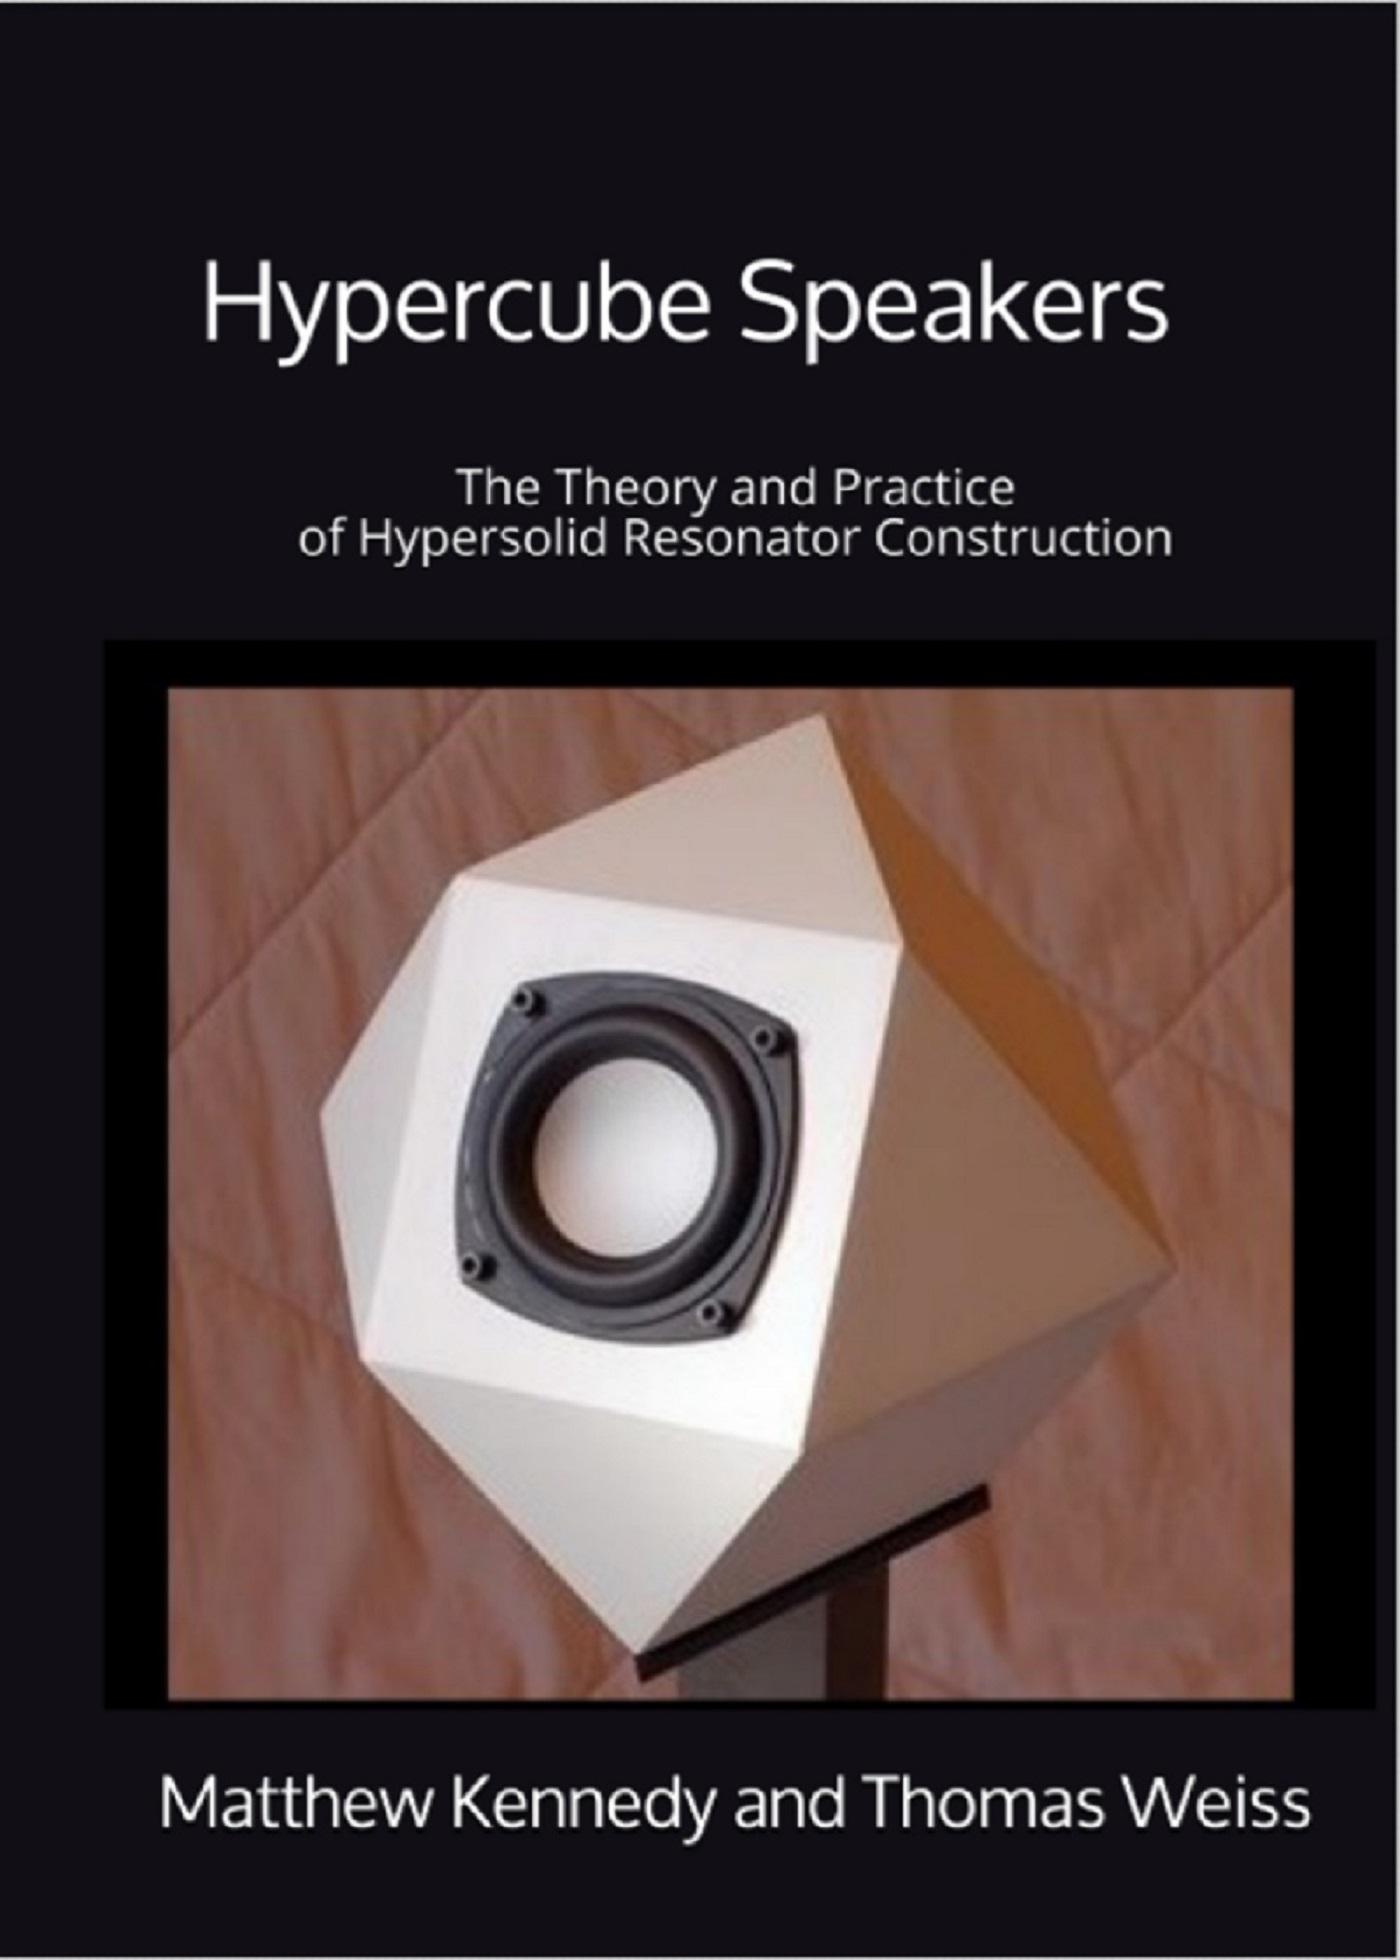 Hypercube Speakers, an Ebook by Matthew Kennedy